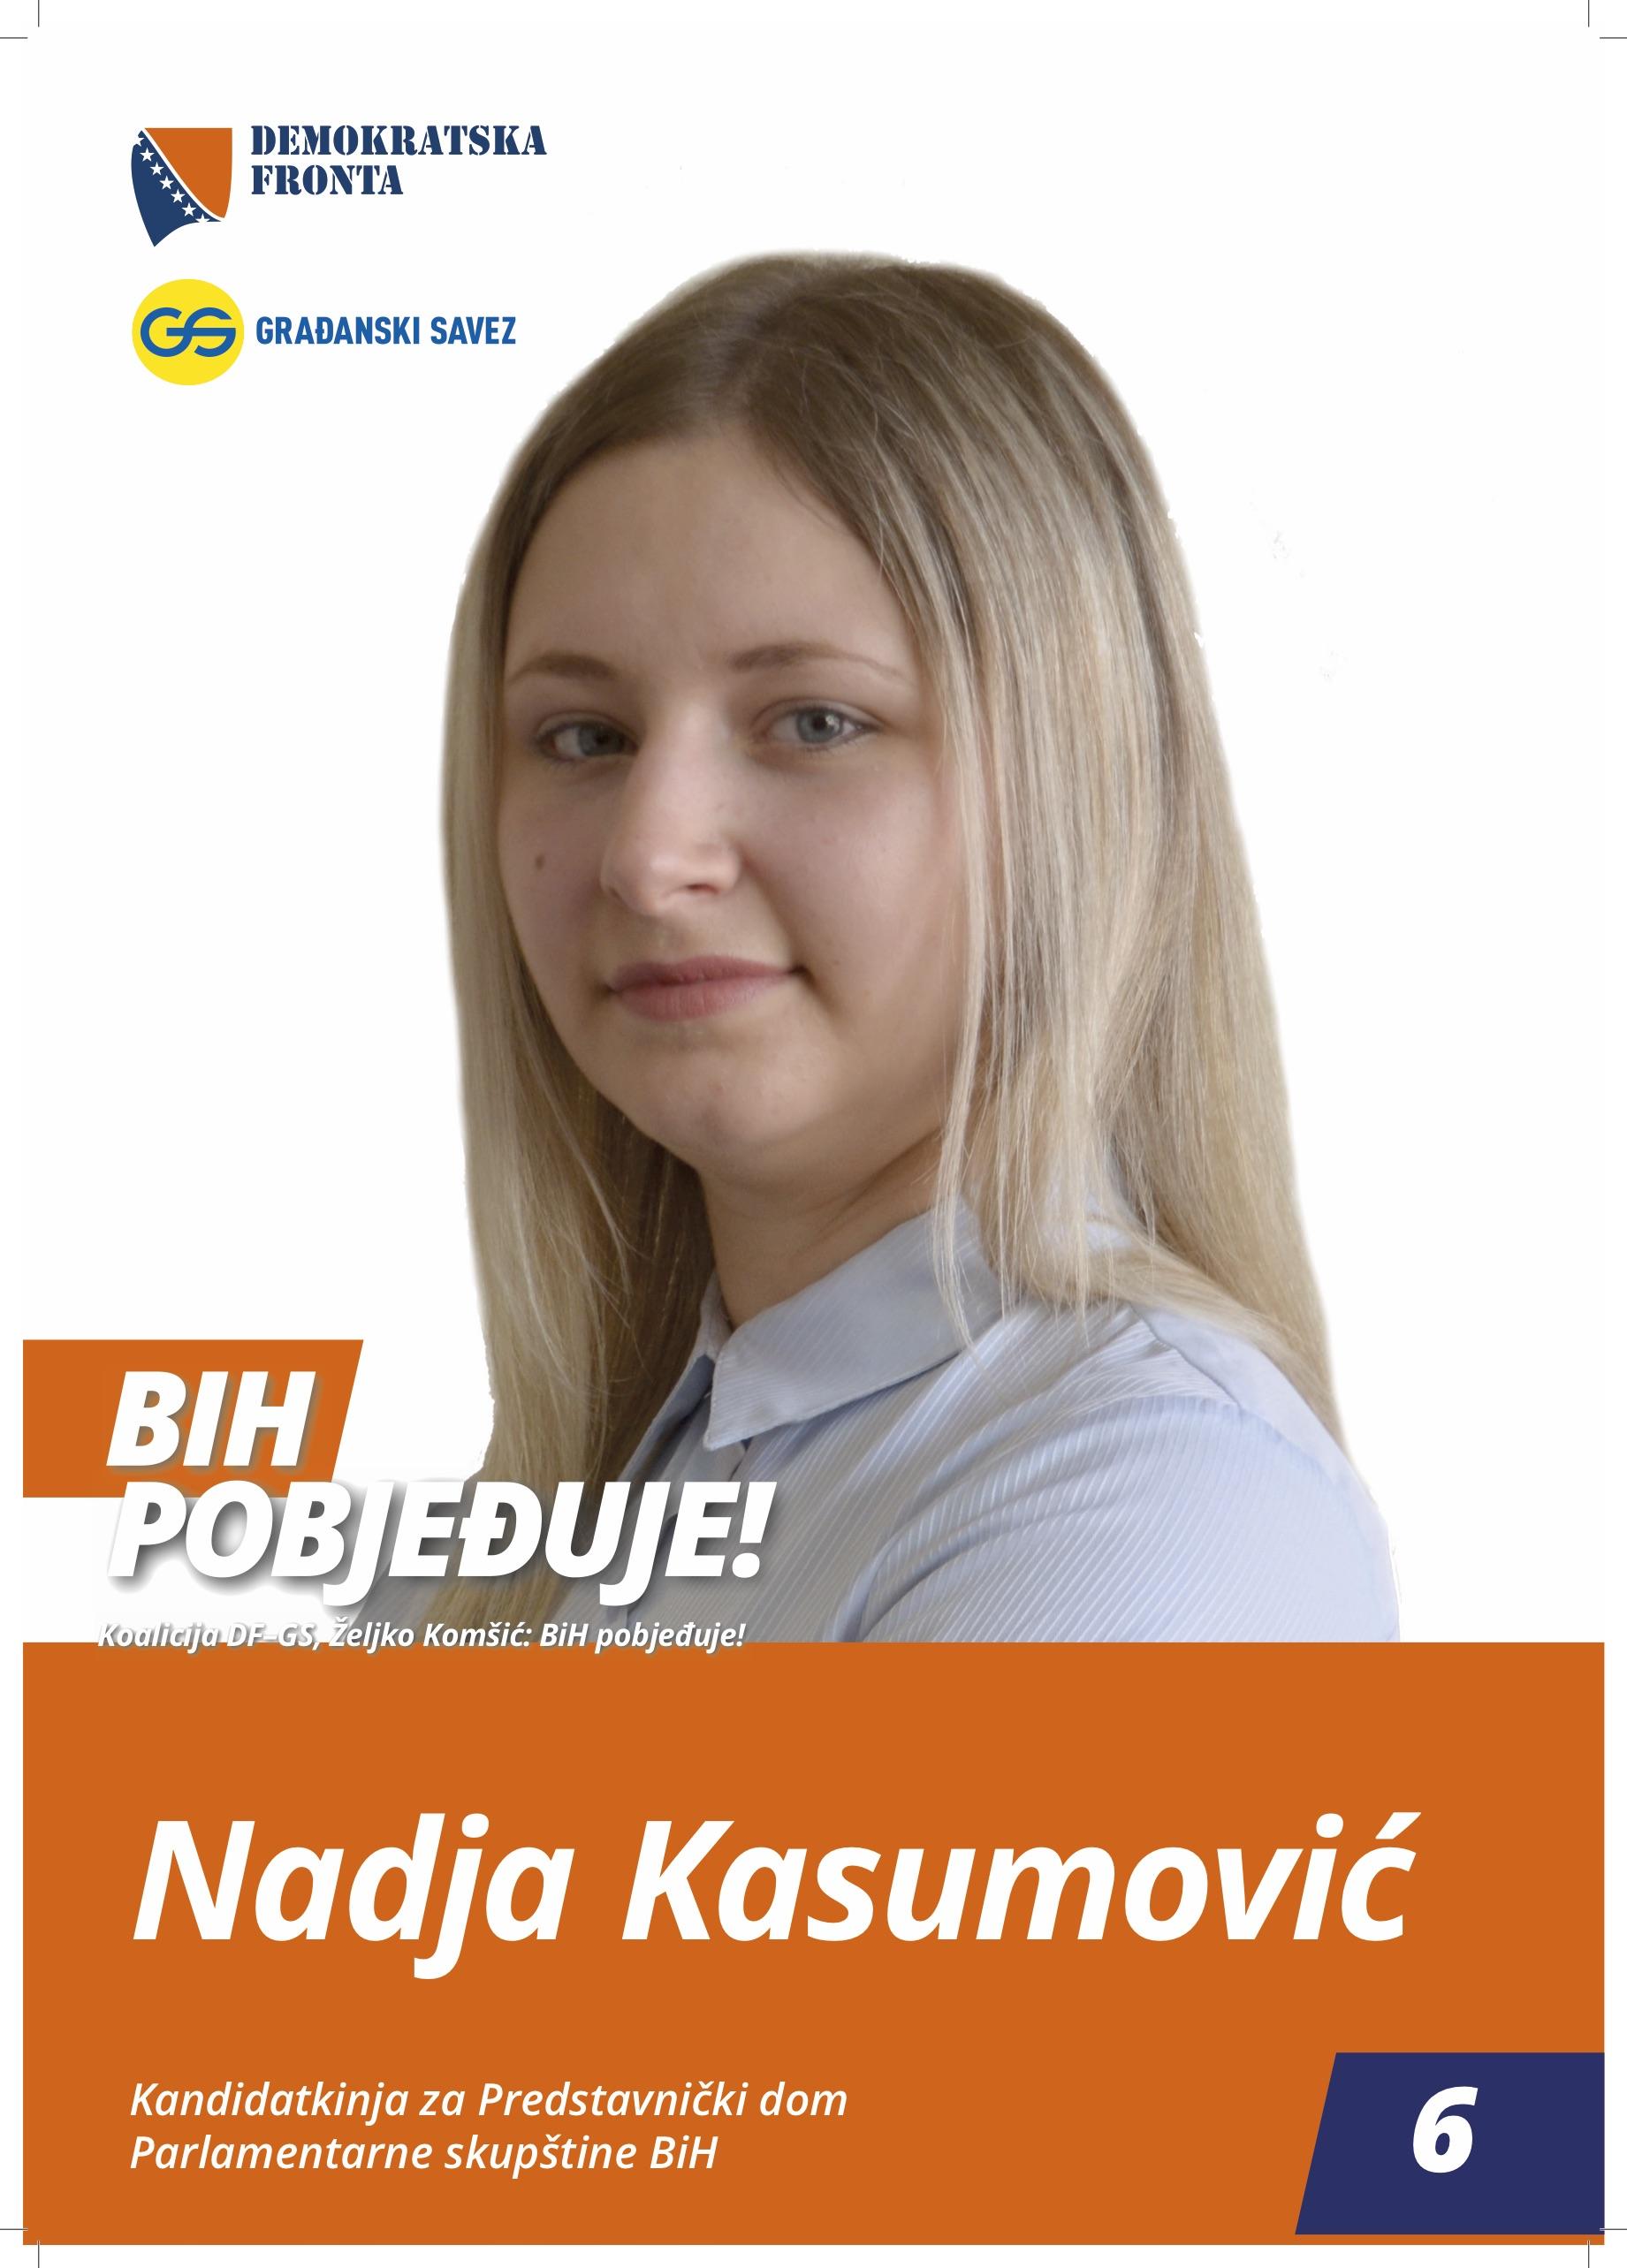 Nadja Kasumović, bachelor poslovne ekonomije